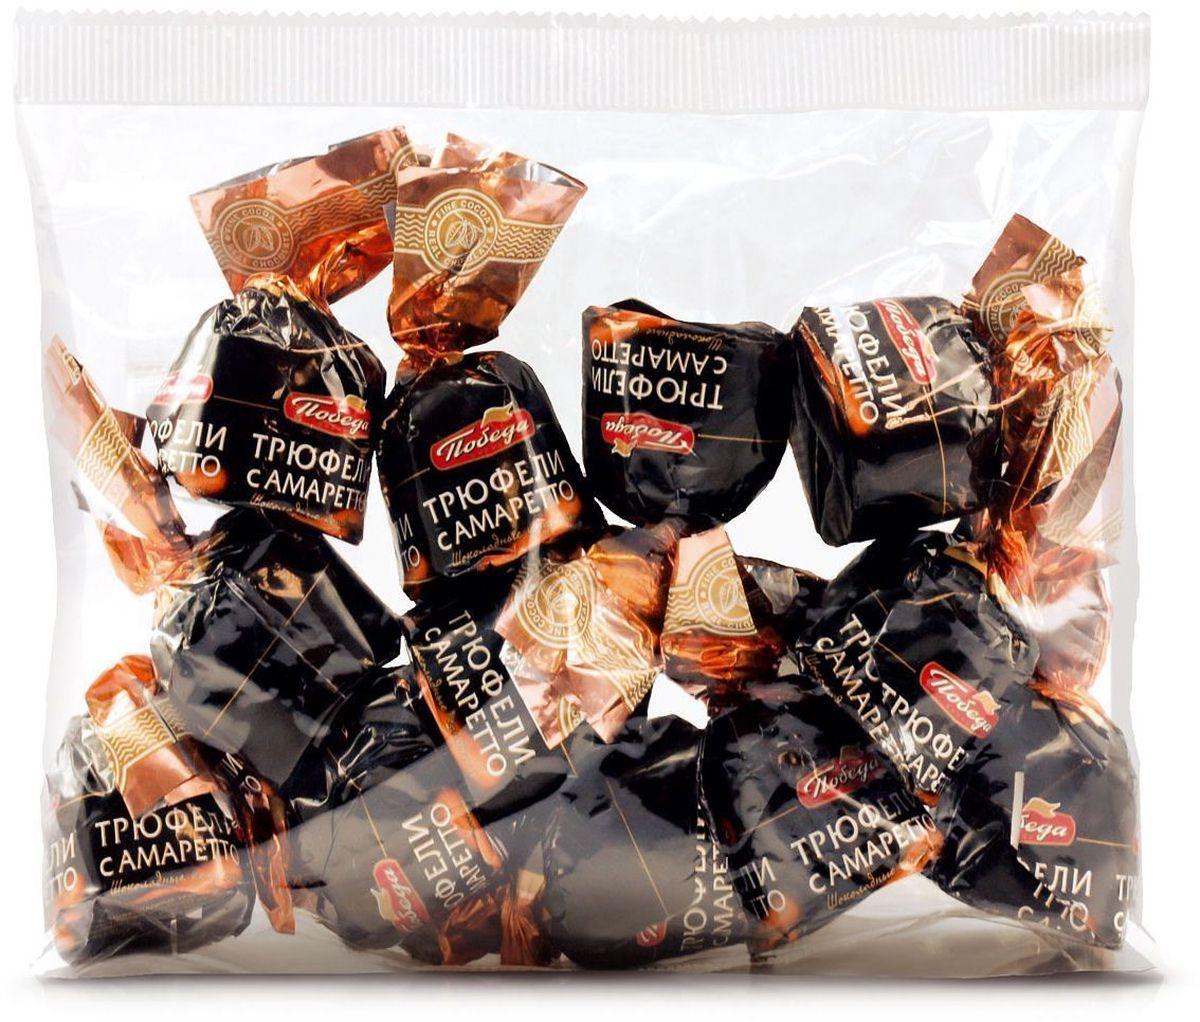 Победа вкуса Трюфели с амаретто шоколадные конфеты, 200 г холст 50x50 printio белый кролик